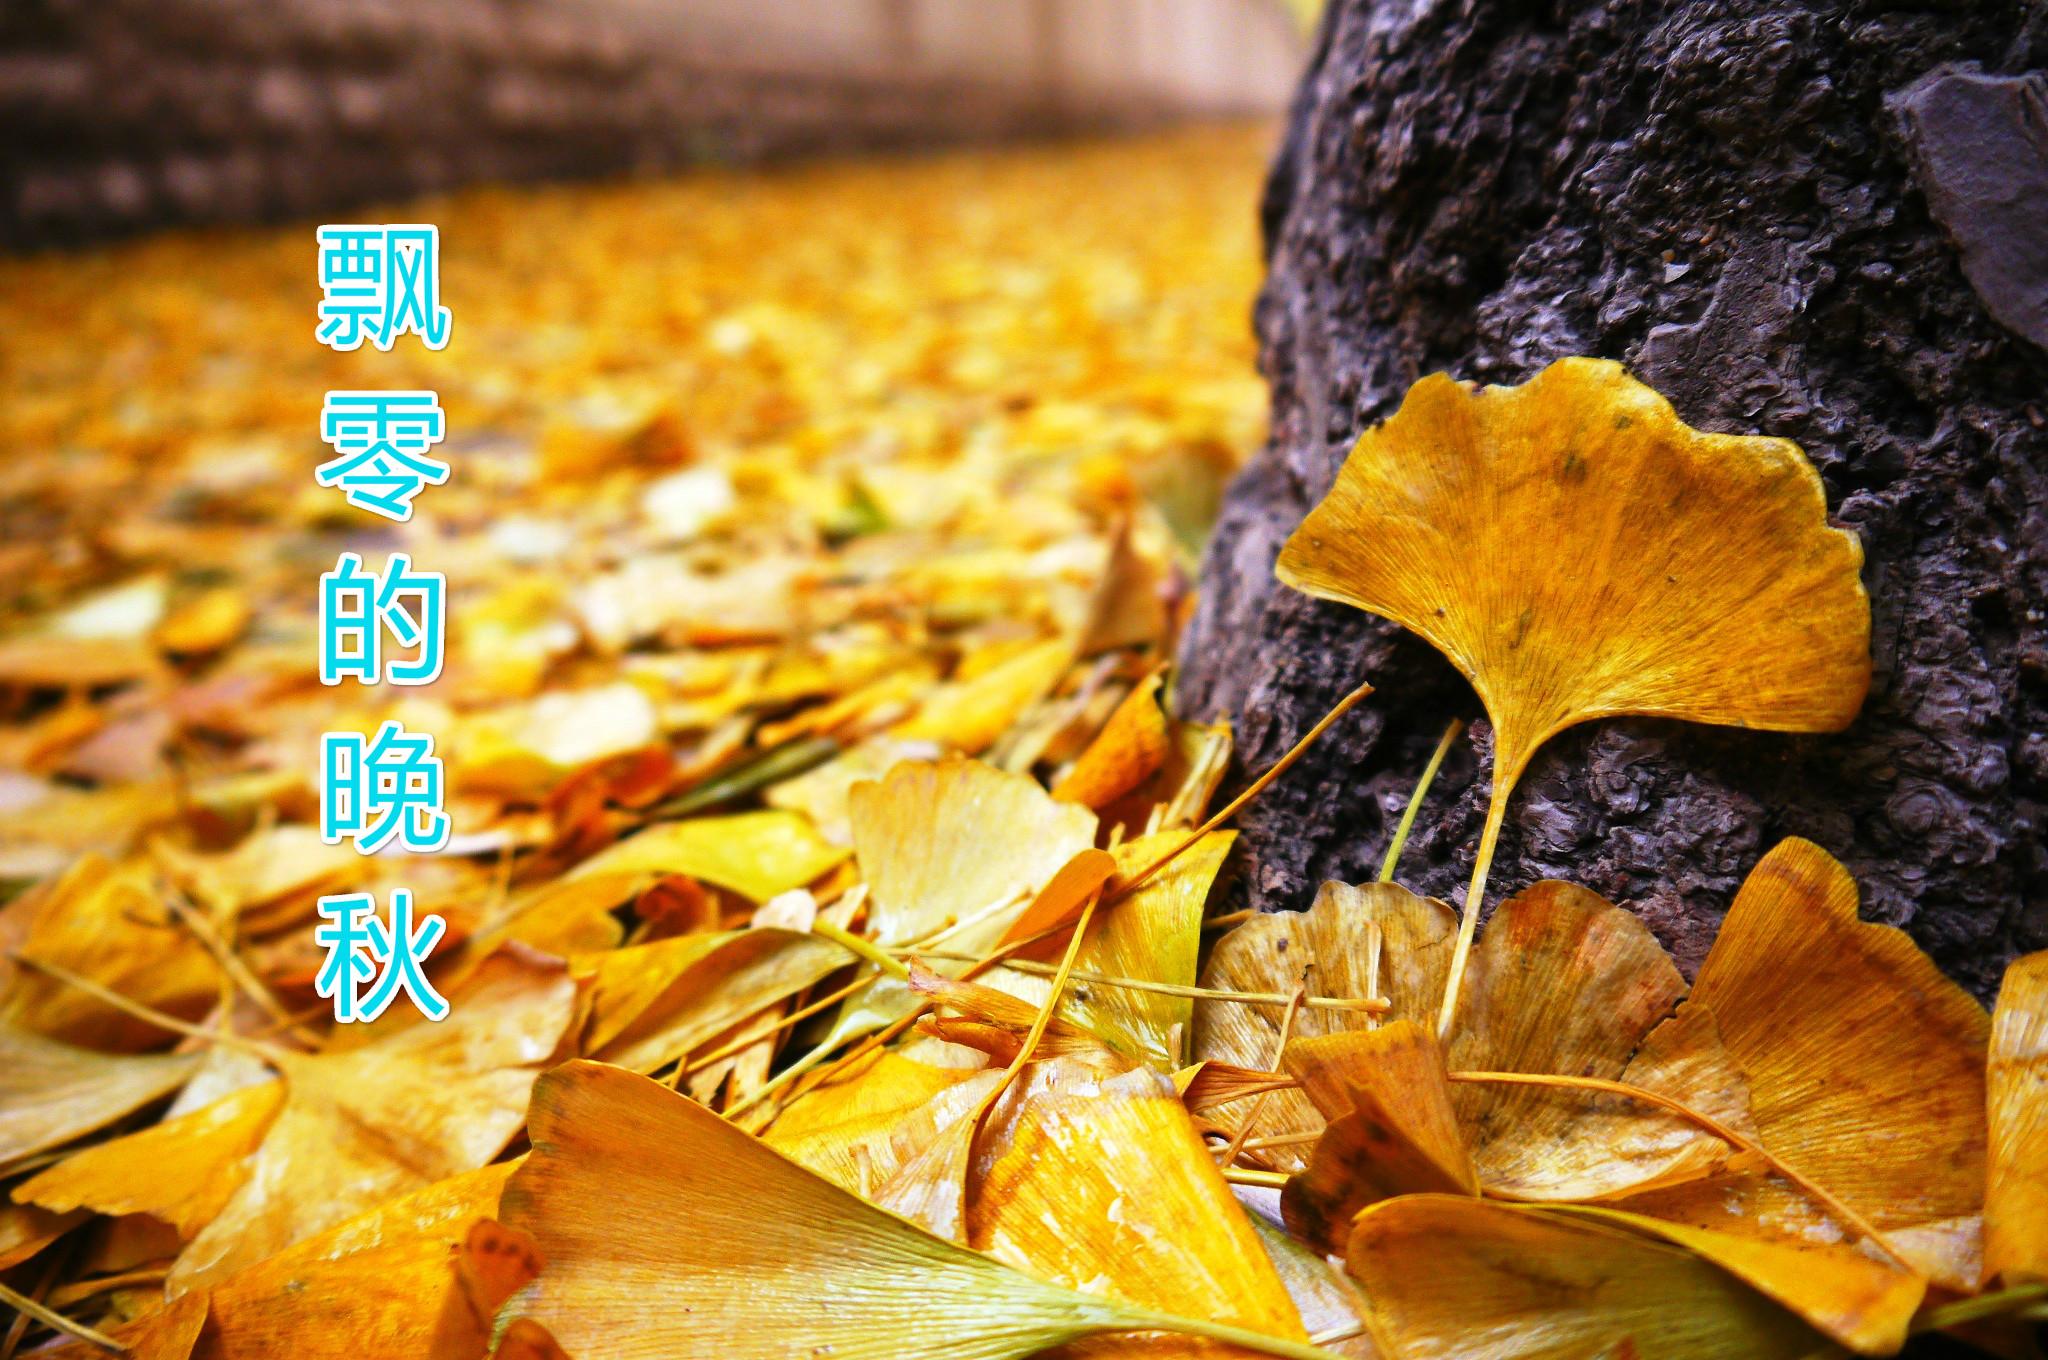 飘零的晚秋 - 天籁天 - 5SING中国原创音乐基地